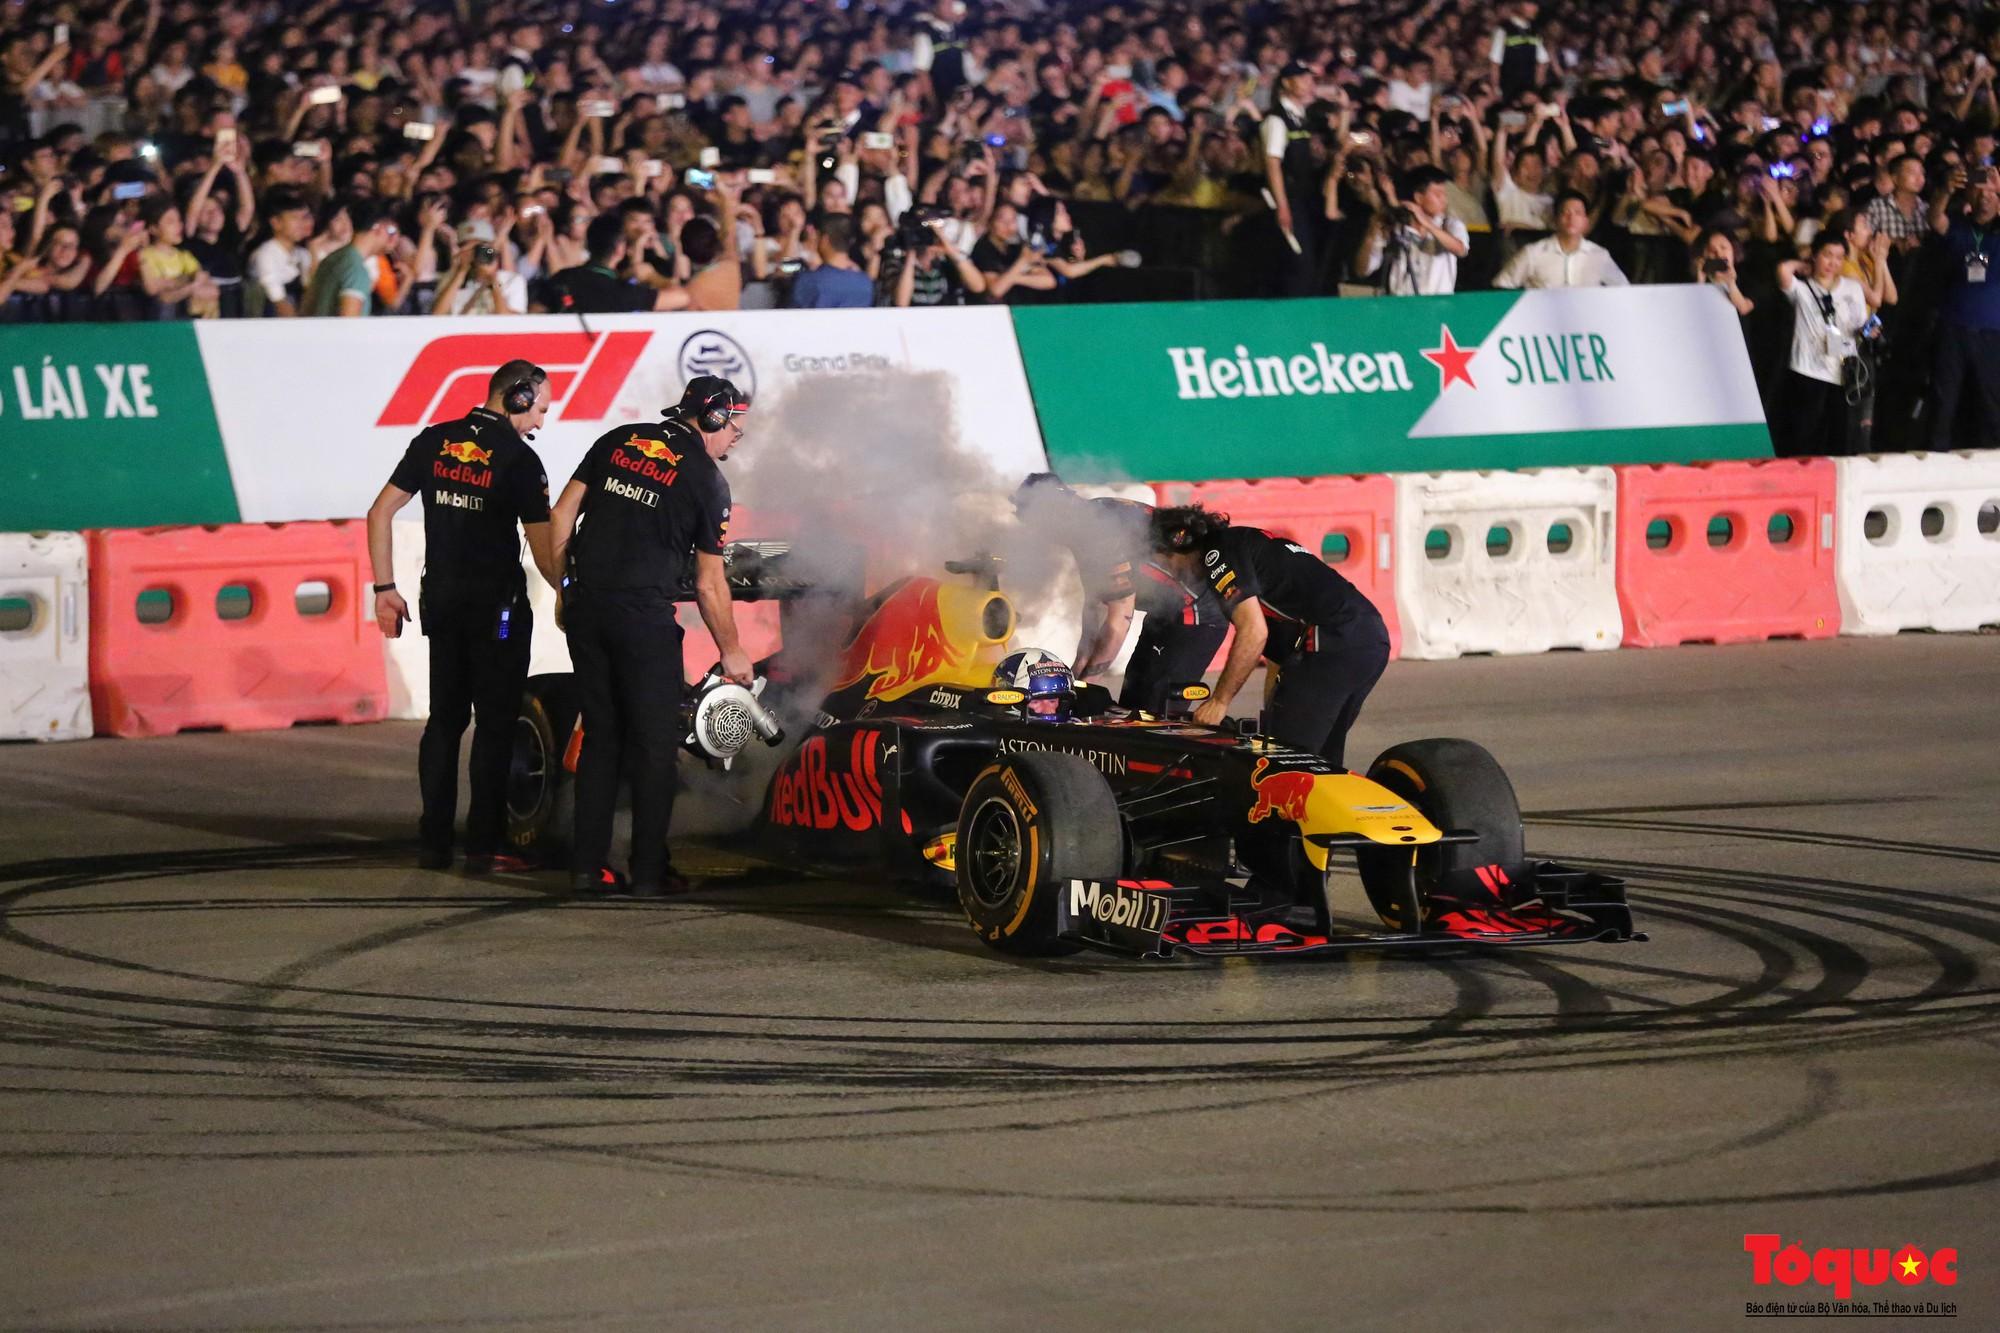 Mãn nhãn với mãnh thú F1 gầm rú và đốt lốp trên đường Hà Nội - Ảnh 7.